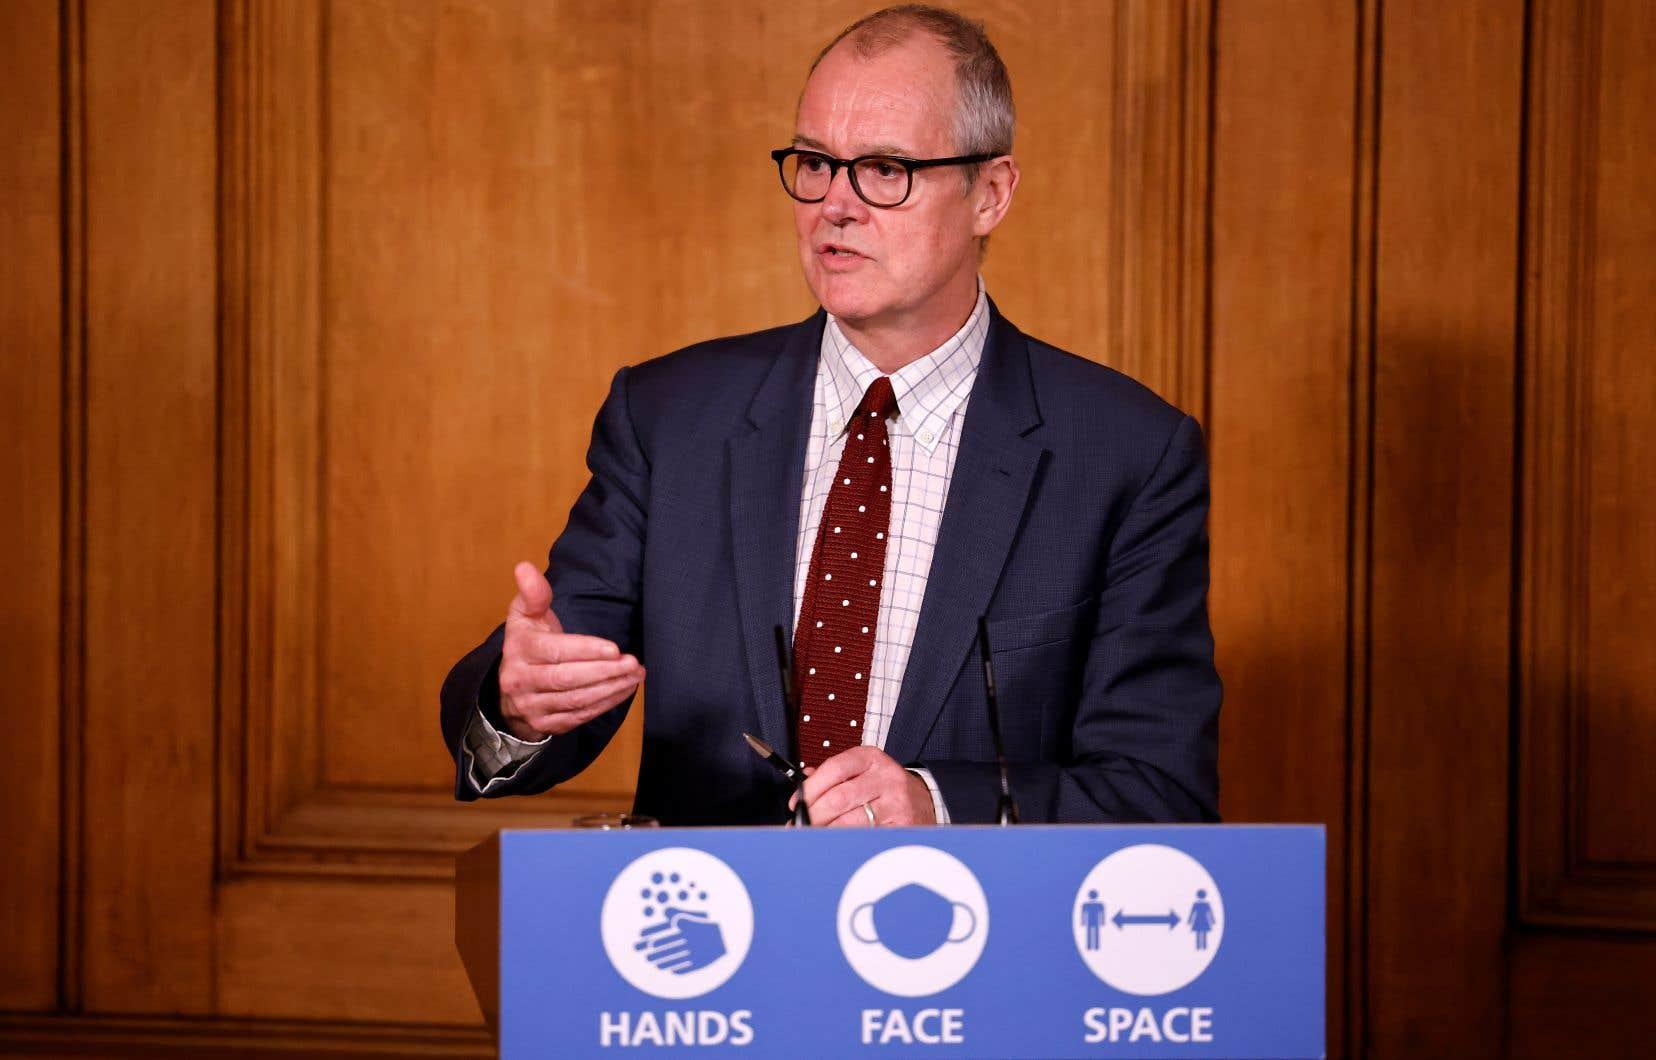 Selon le scientifique en chef du Royaume-Uni, Patrick Vallance, la nouvelle lignée du SRAS-CoV-2 serait 70% plus transmissible que les souches qui prédominaient jusque-là.